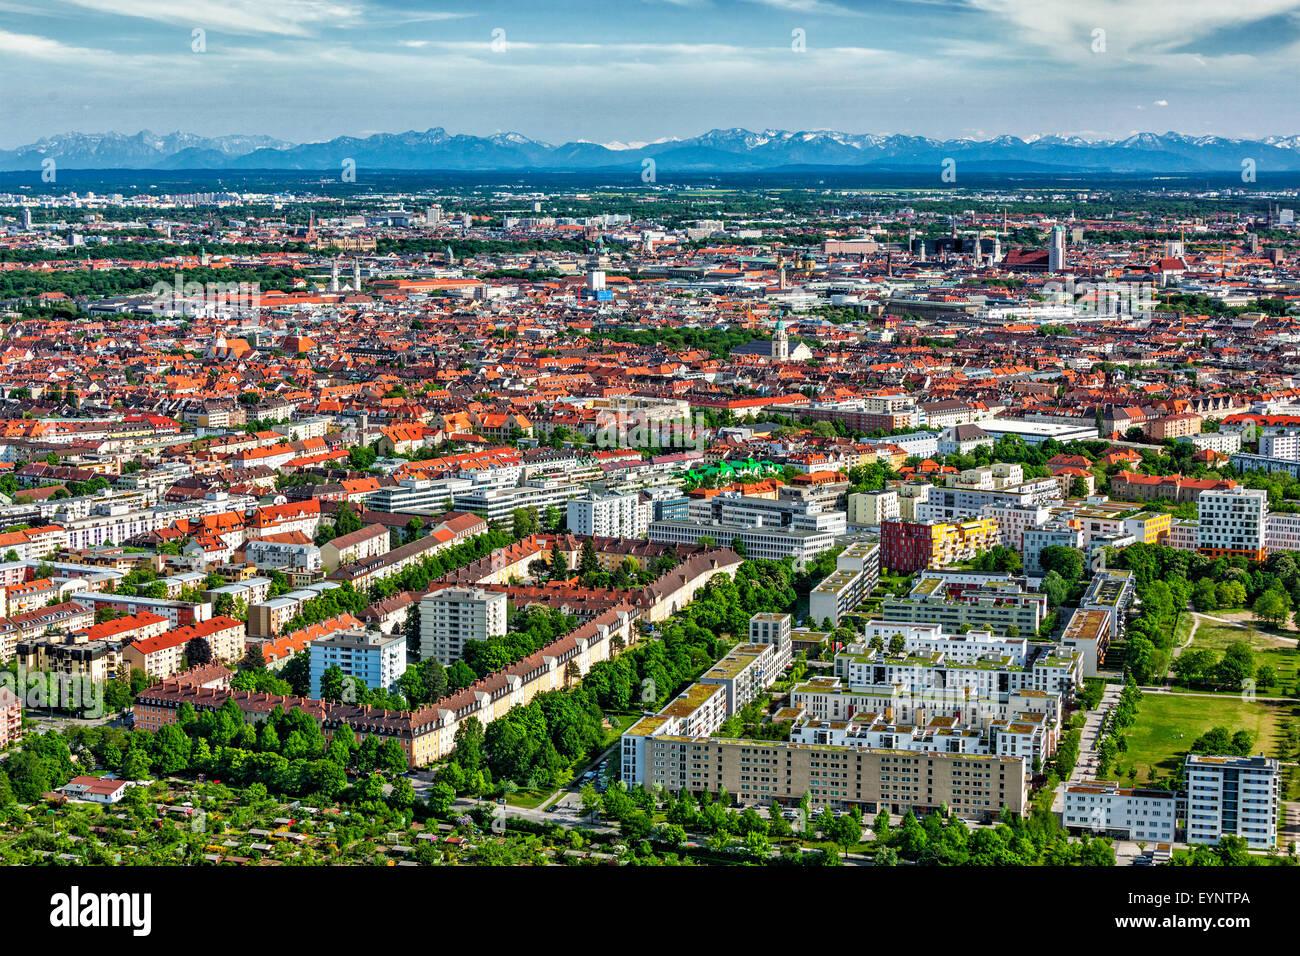 Vista aérea de la ciudad de Munich. Munich, Baviera, Alemania Imagen De Stock